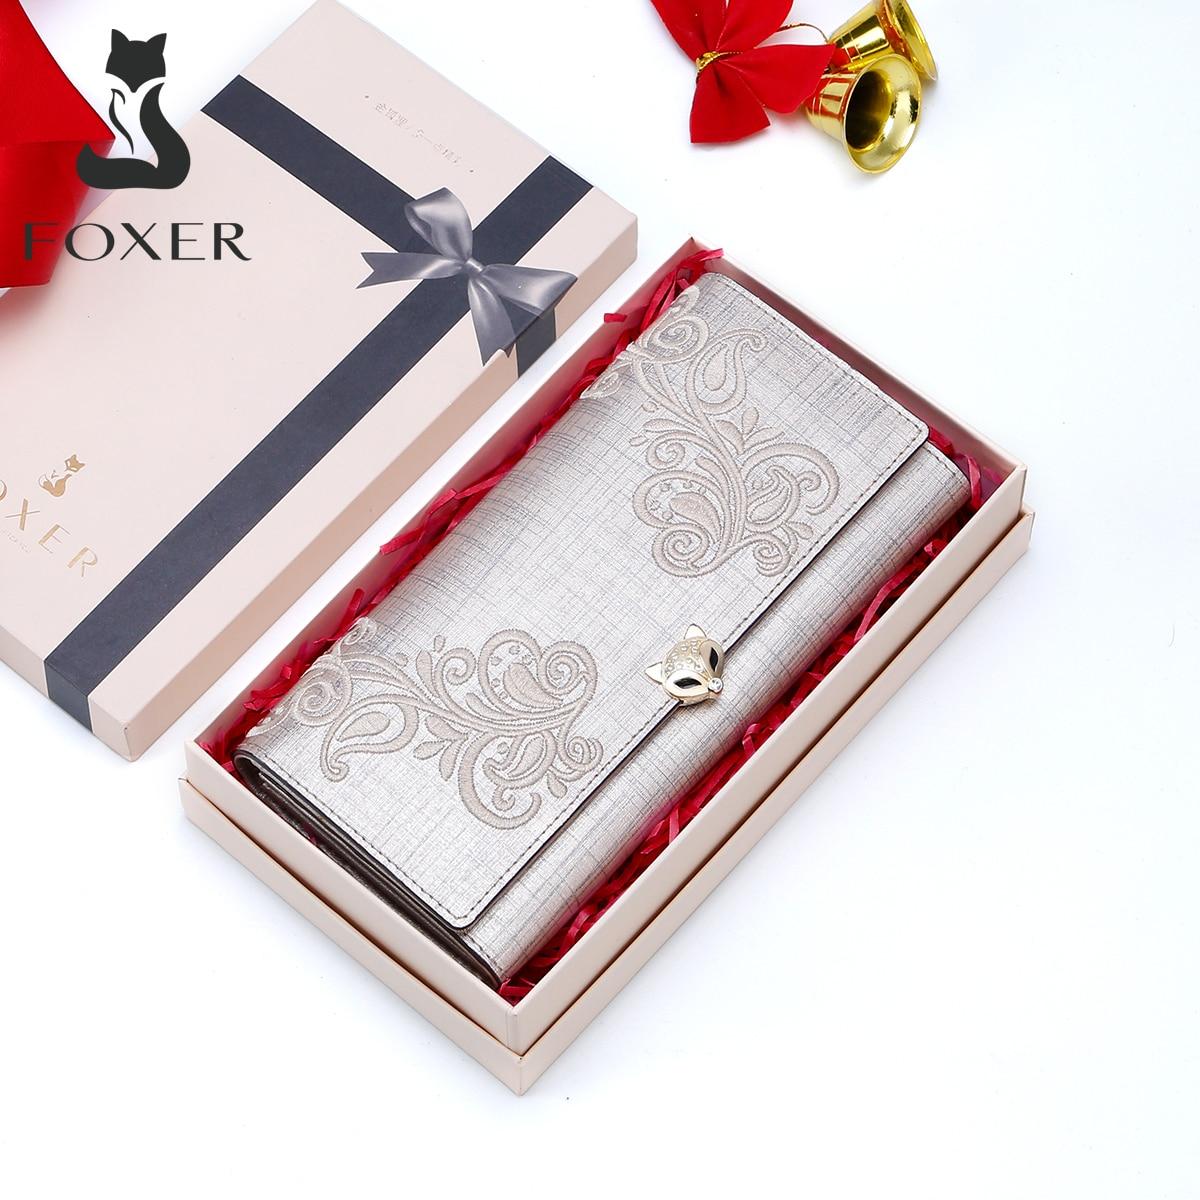 FOXER брендовый женский кожаный кошелек с держателем для карт, клатч, женский модный кошелек, Женский кошелек с вышивкой, Длинные кошельки